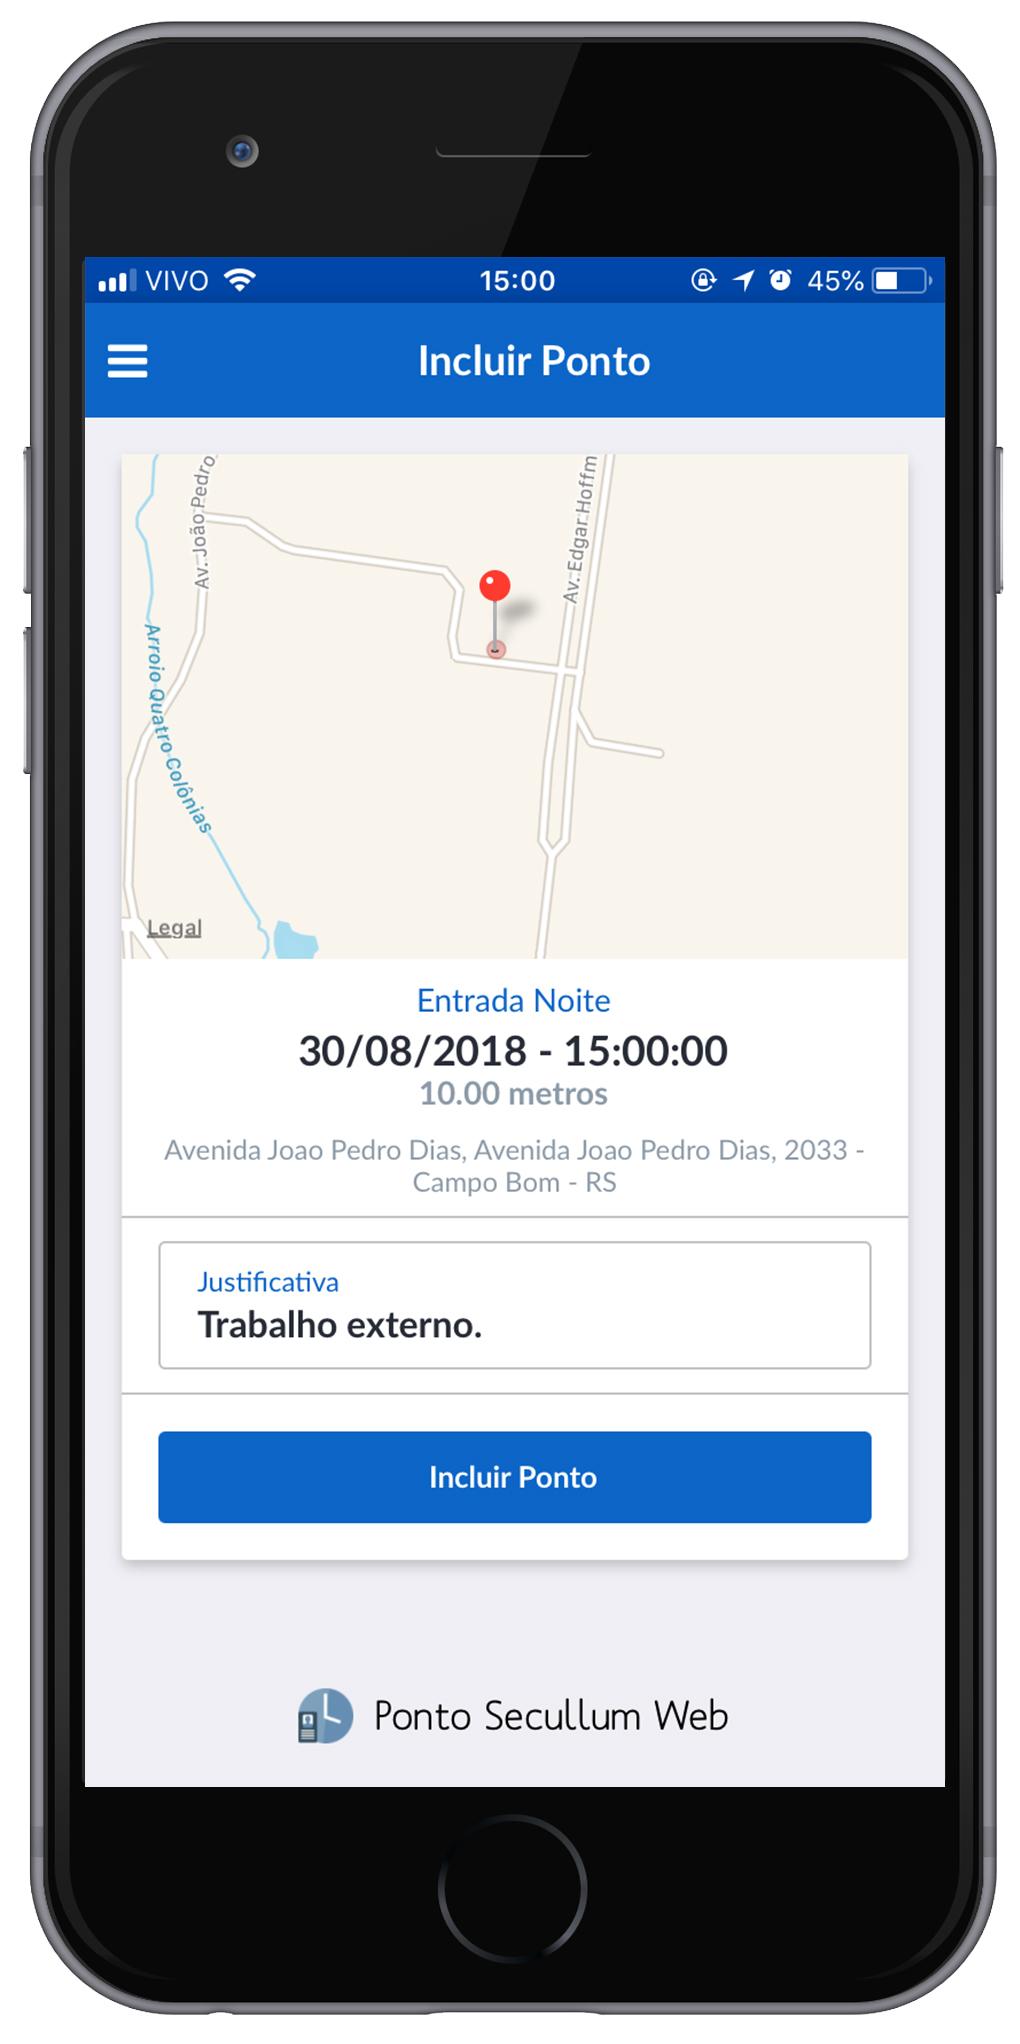 ARTE APLICATIVO COM PESSOA PONTO SECULLUM WEB - permite marcação de potno com geolocalização pelo sistema / app